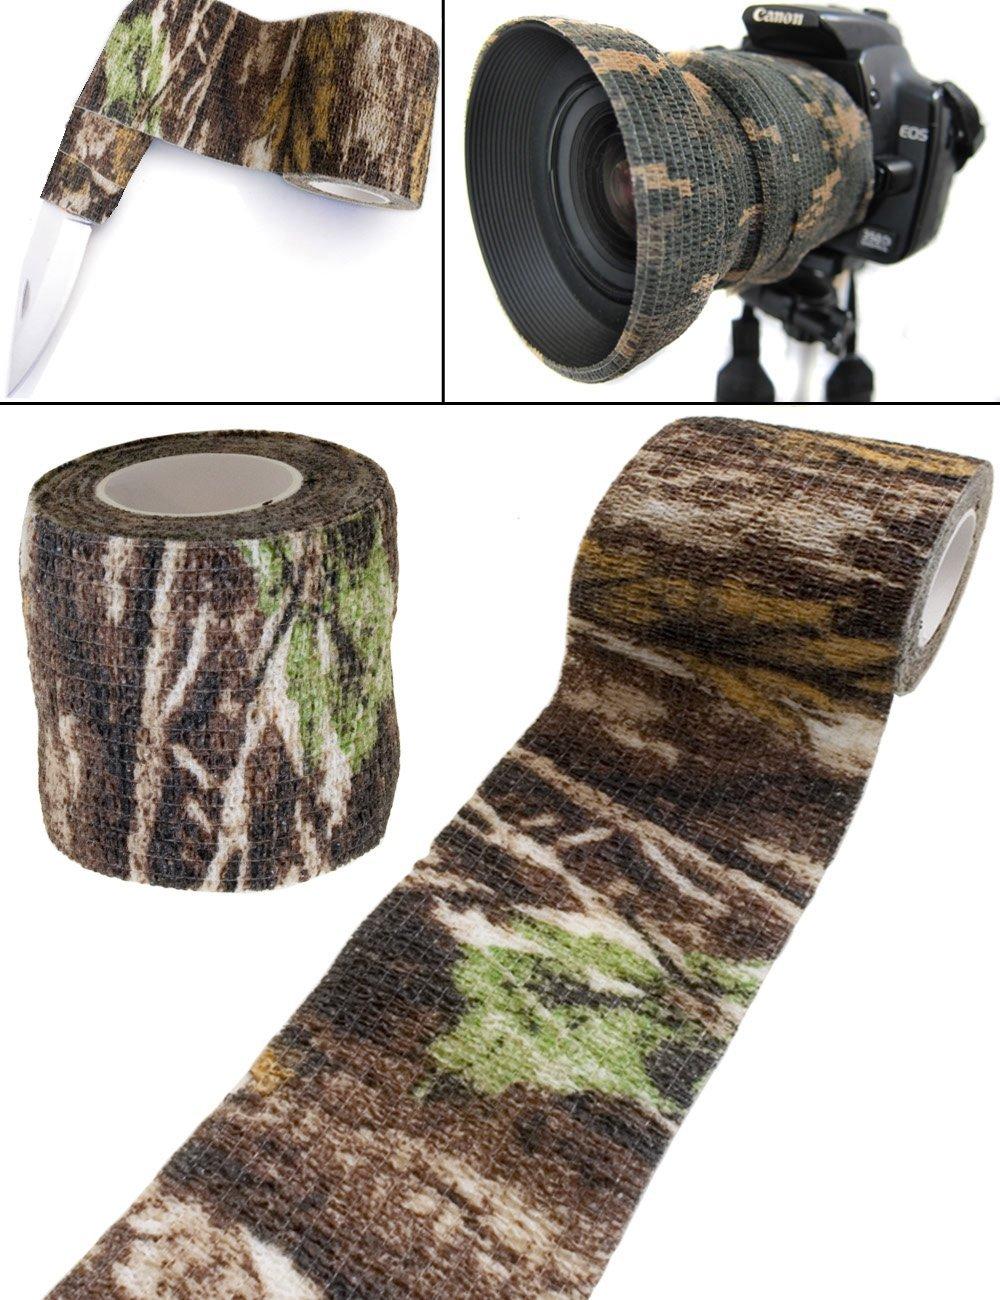 Outdoor Saxx - Camouflage Tarn-Tape Real Forest | Gewebe-Band Wasserfest Mehrfach verwendbar | Kamera, Ausrüstung, Jäger, Angler, Fotografen | 4,5m Ausrüstung Jäger